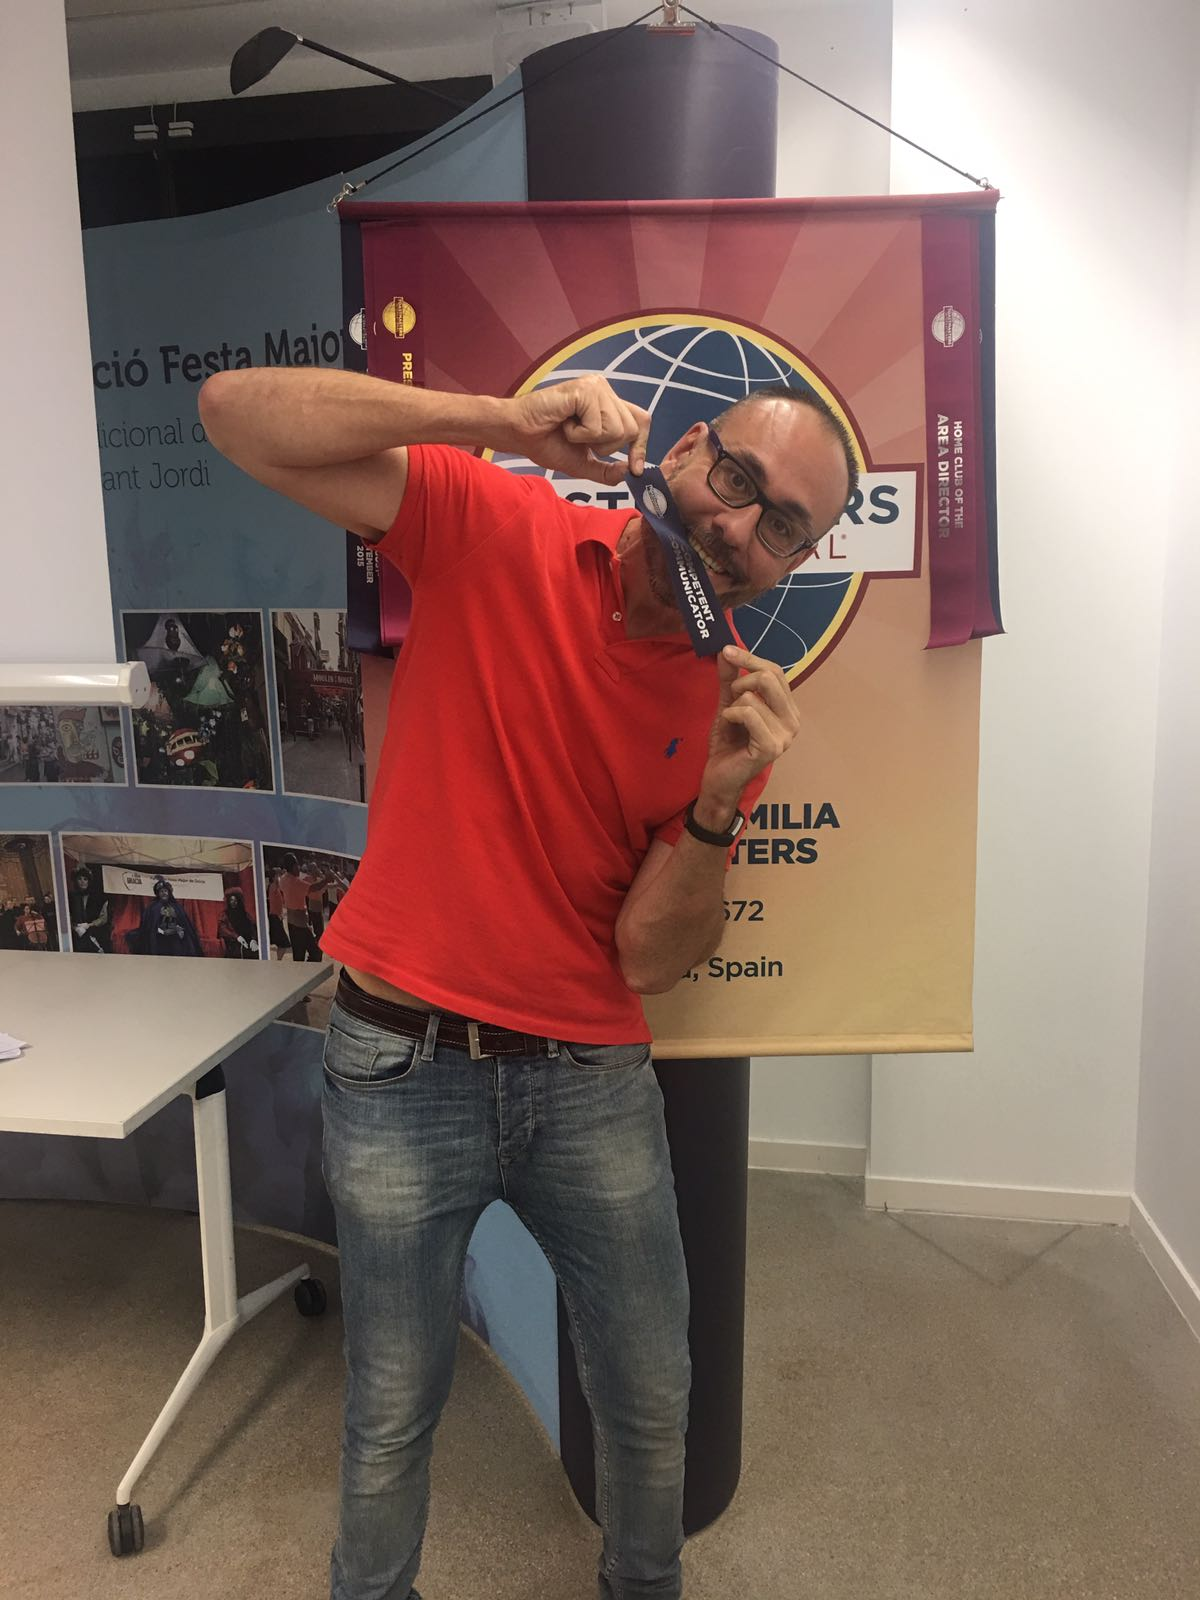 Competent Communicator - Celebrating Rafa Nadal style :)